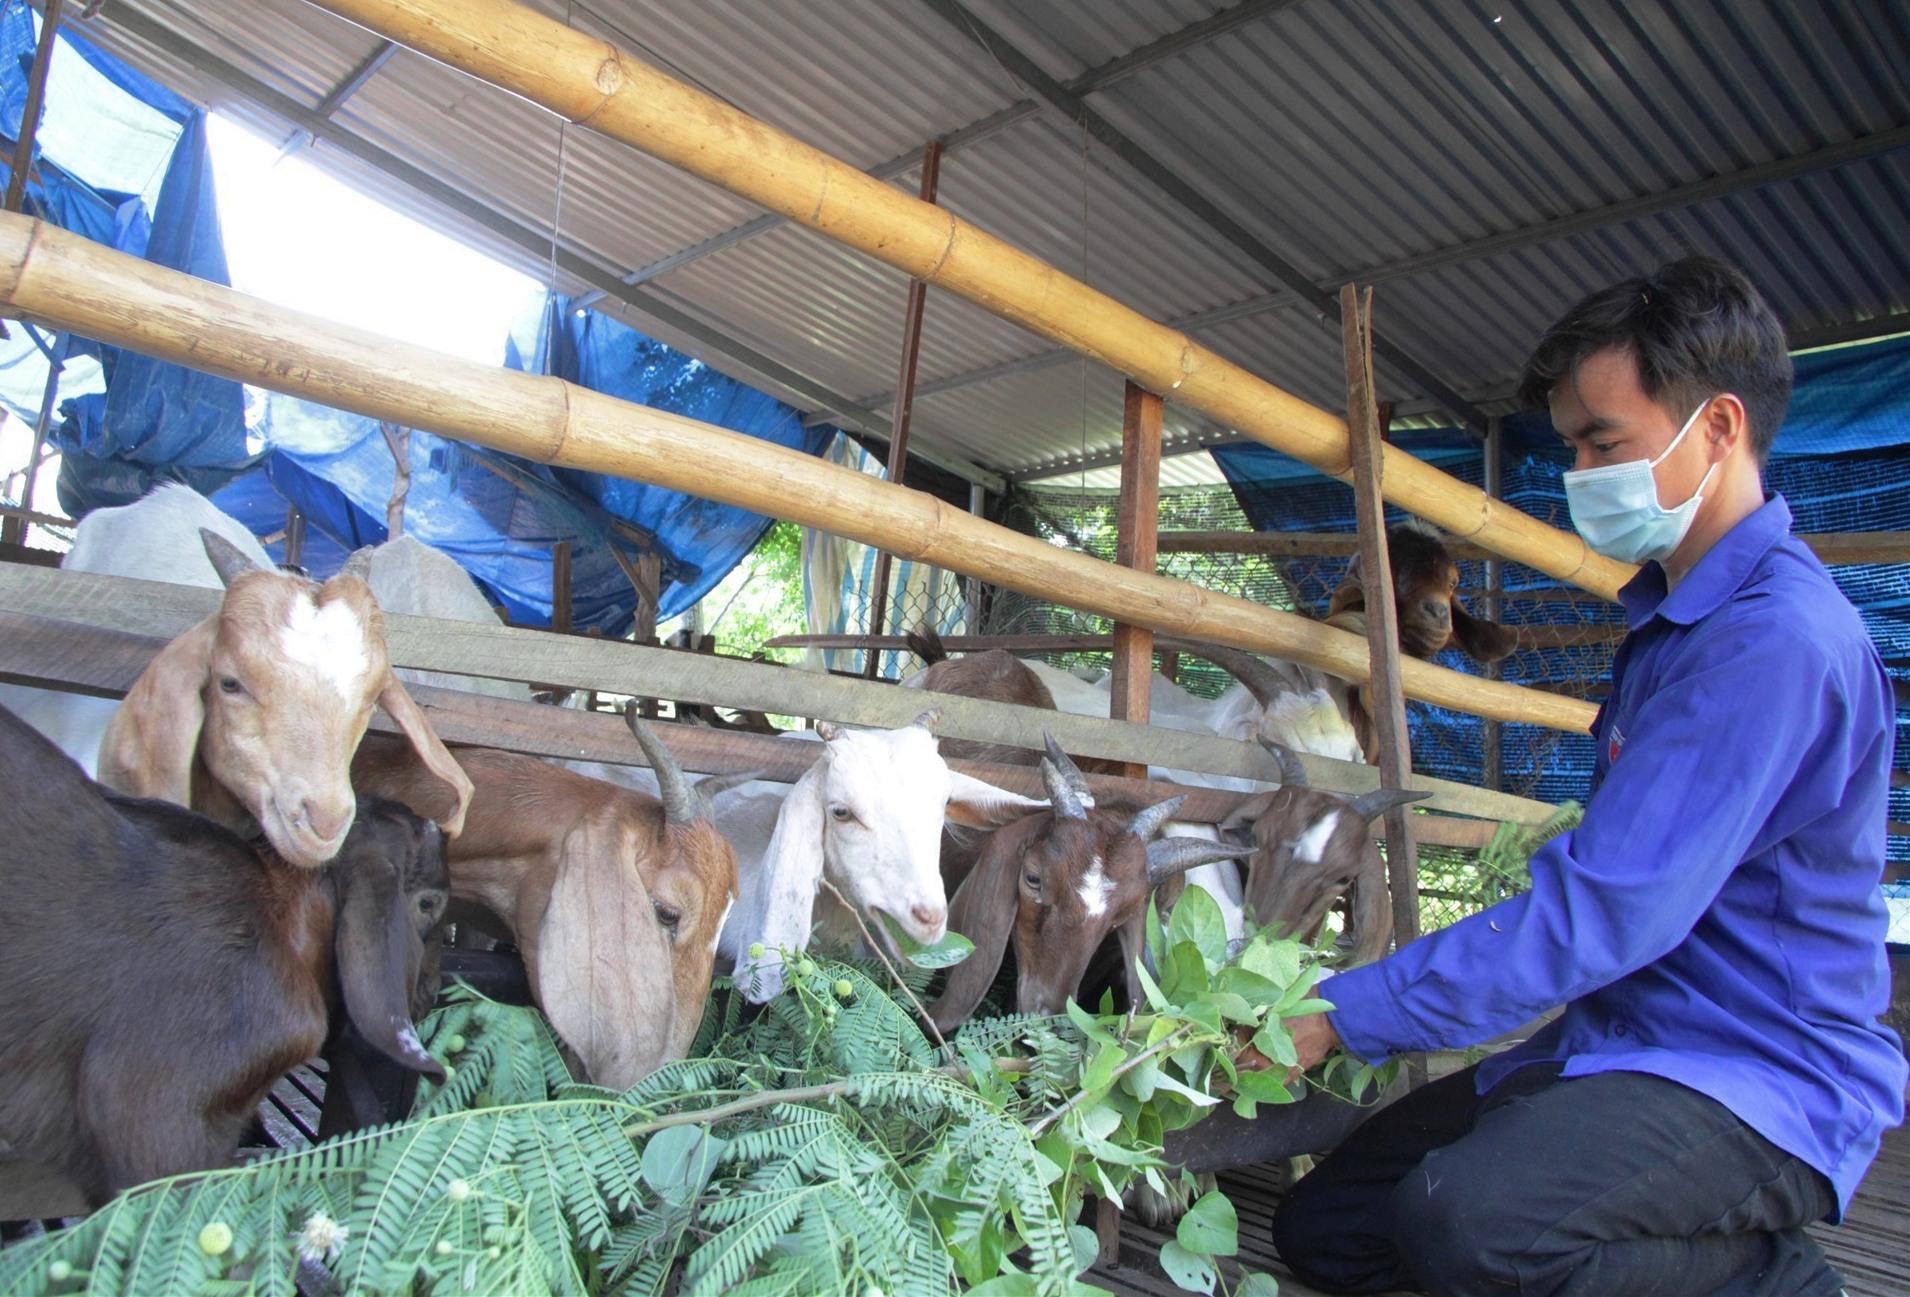 Chàng nông dân trẻ Trương Văn Thành cho đàn dê của mình ăn. Ảnh: H.Q